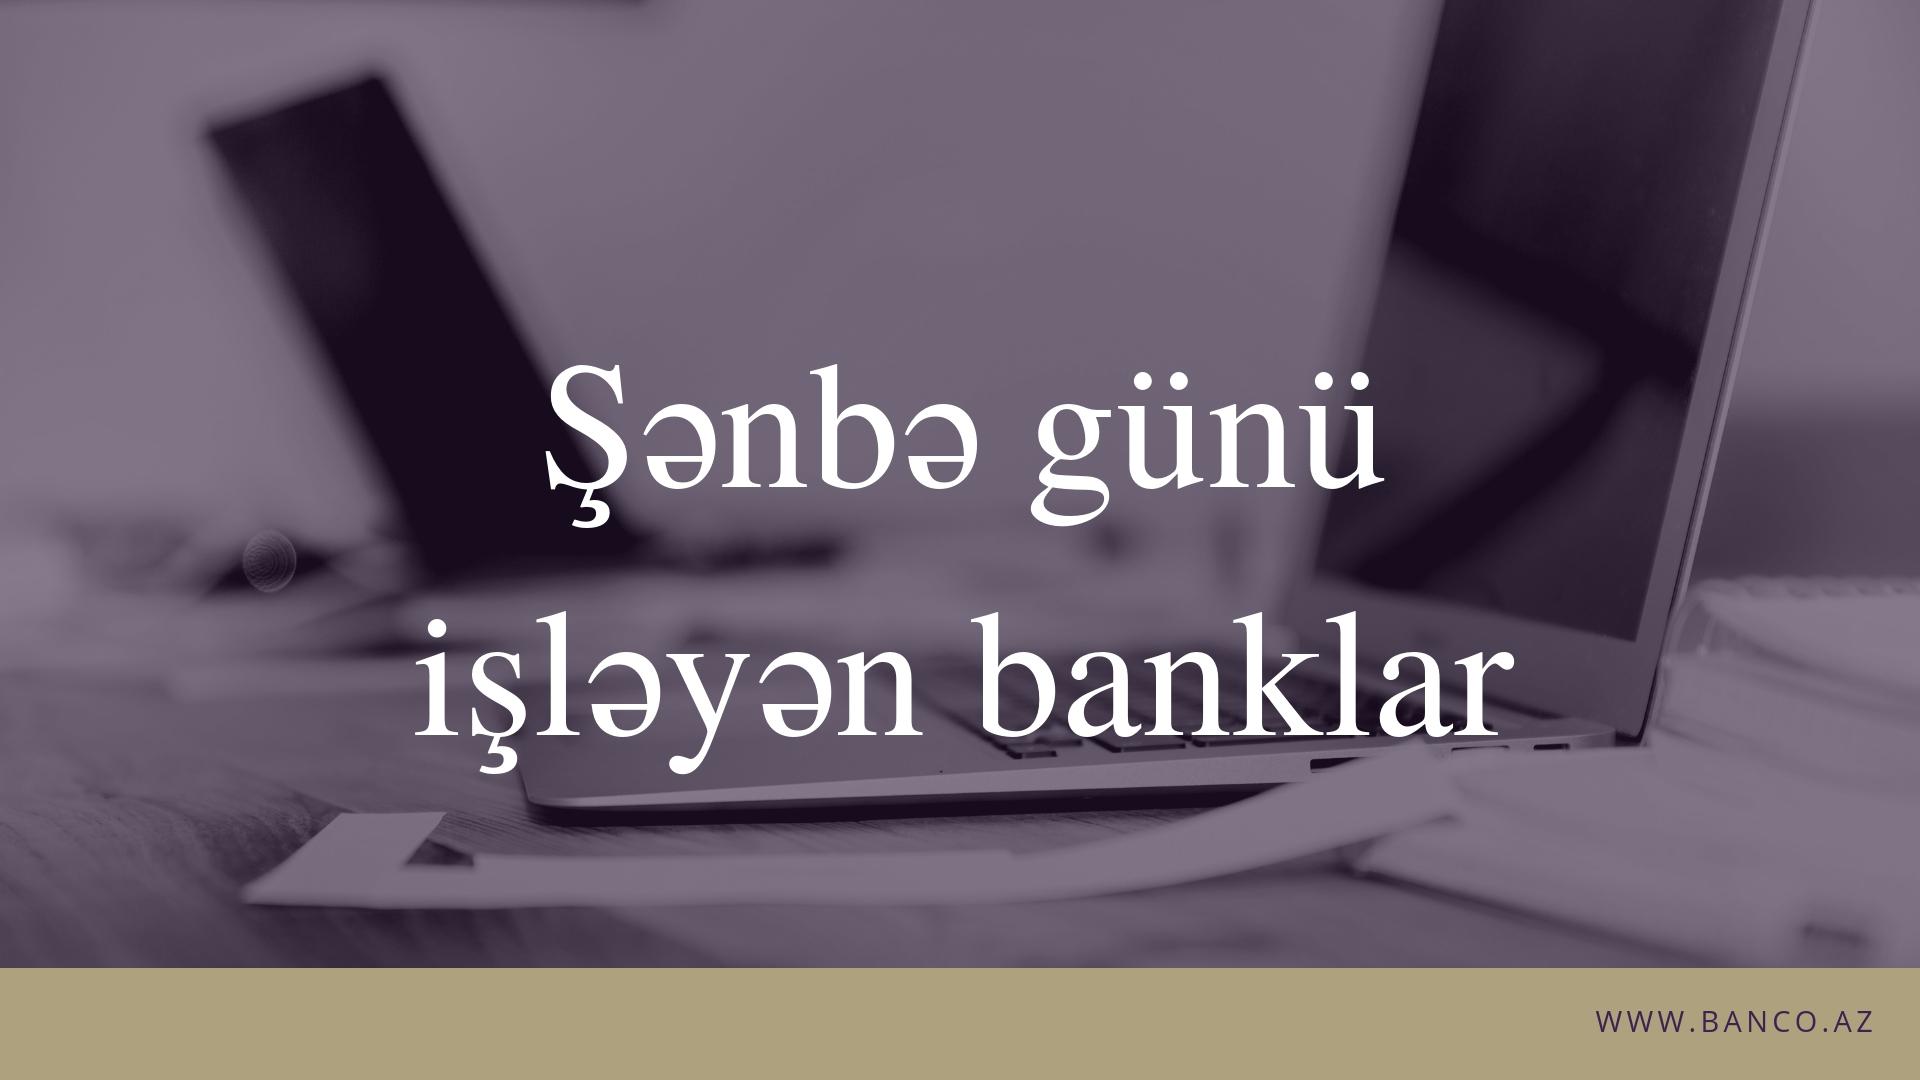 Şənbə günü işləyən banklar hansılardır?